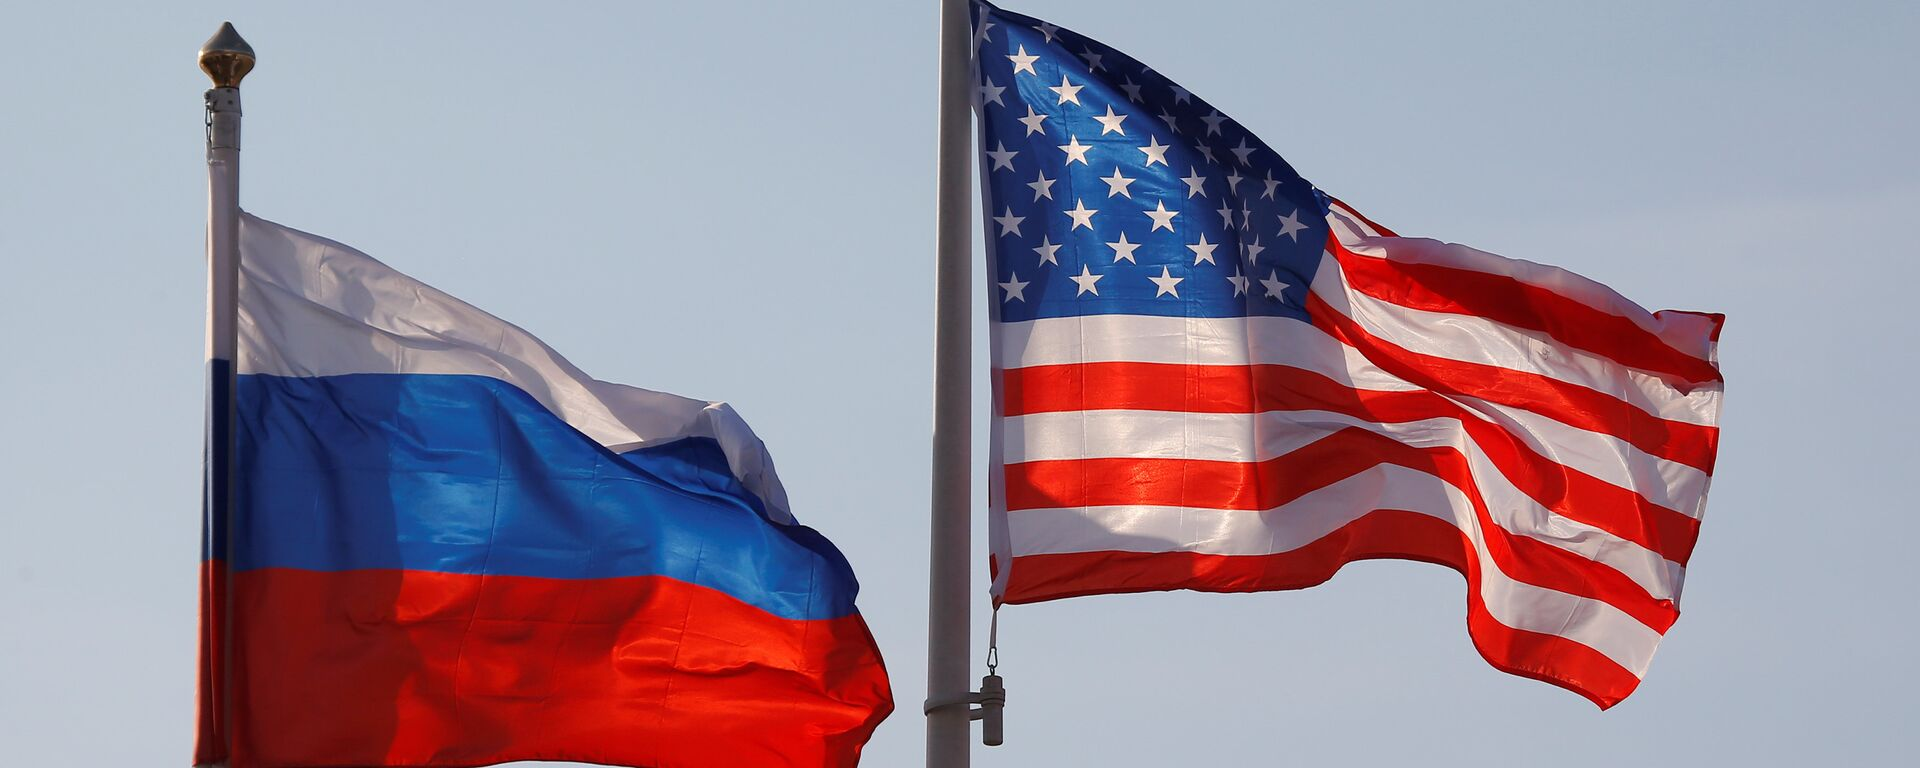 Banderas de Rusia y EEUU - Sputnik Mundo, 1920, 28.05.2021